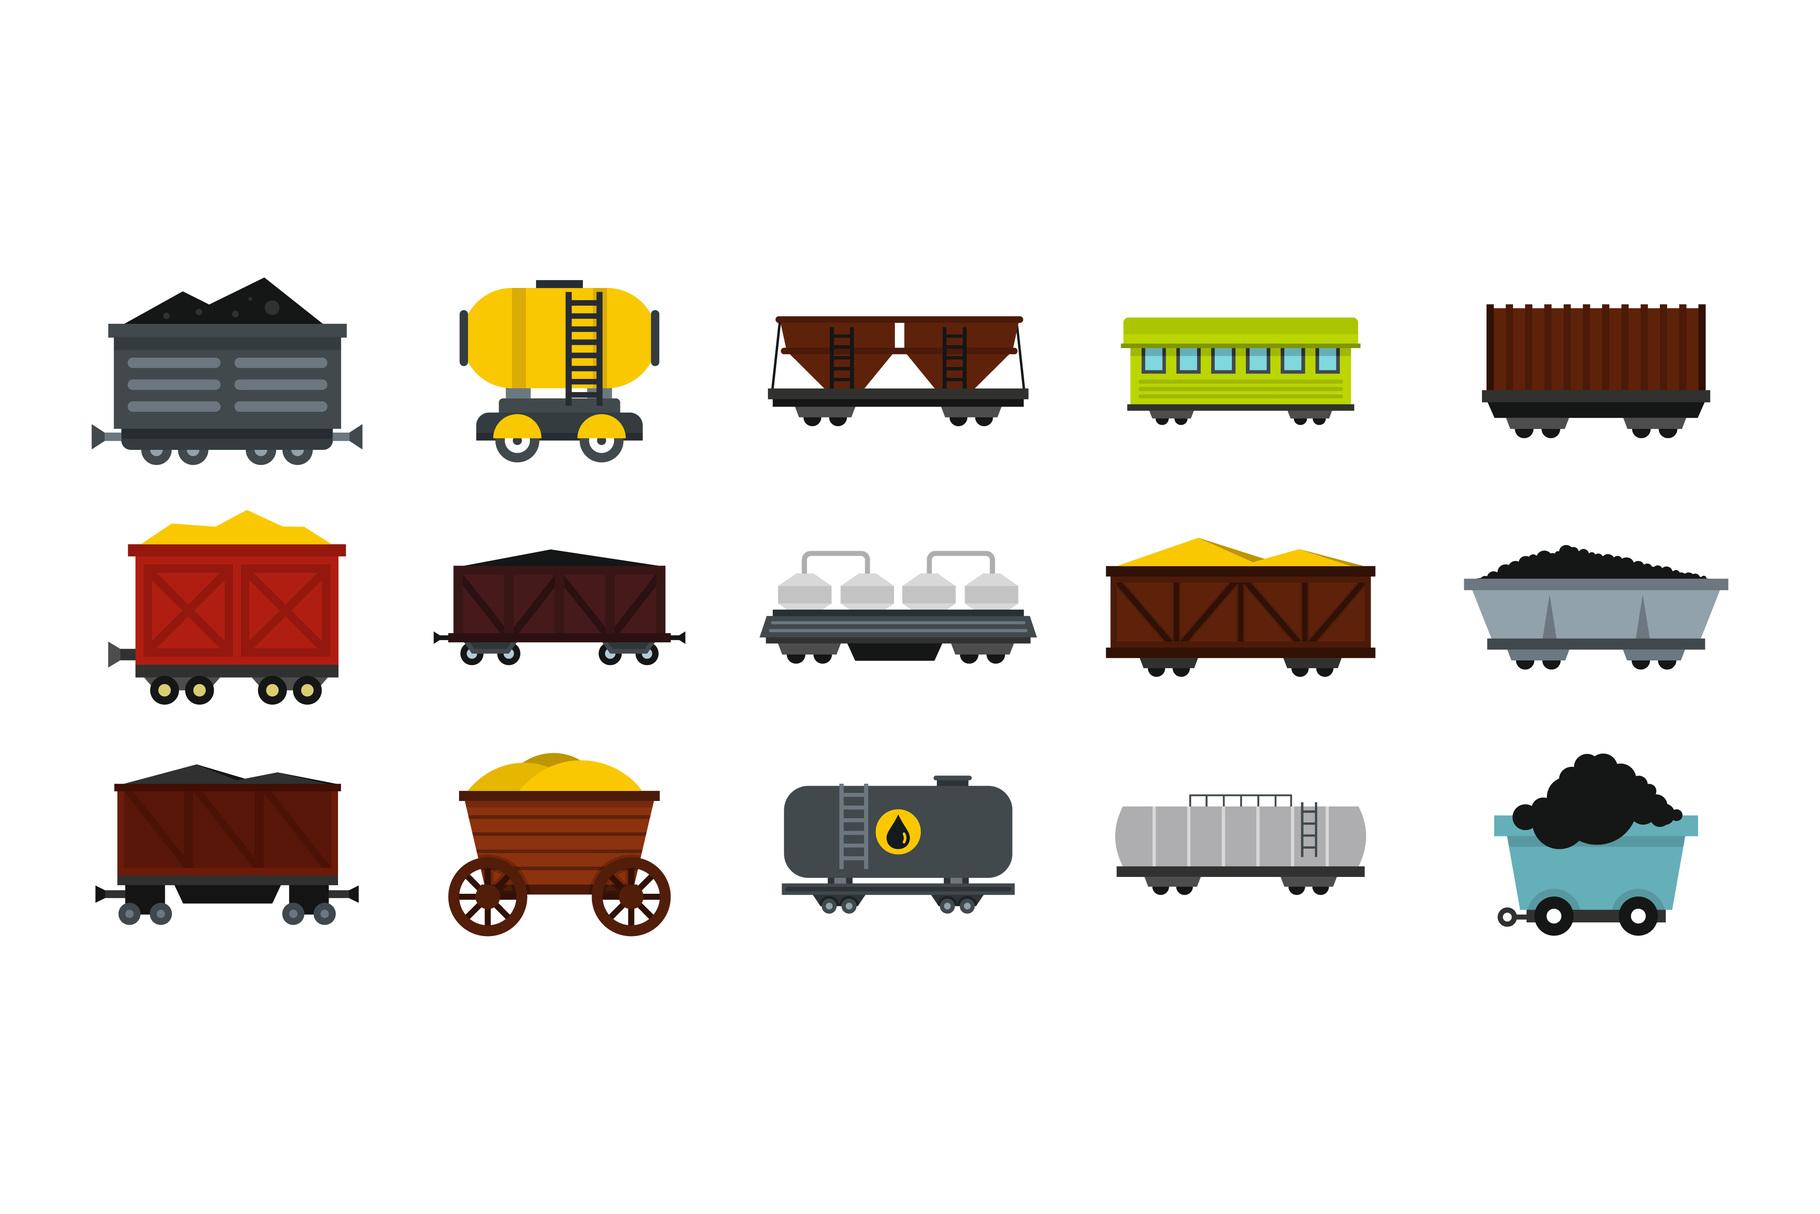 Wagon icon set, flat style example image 1